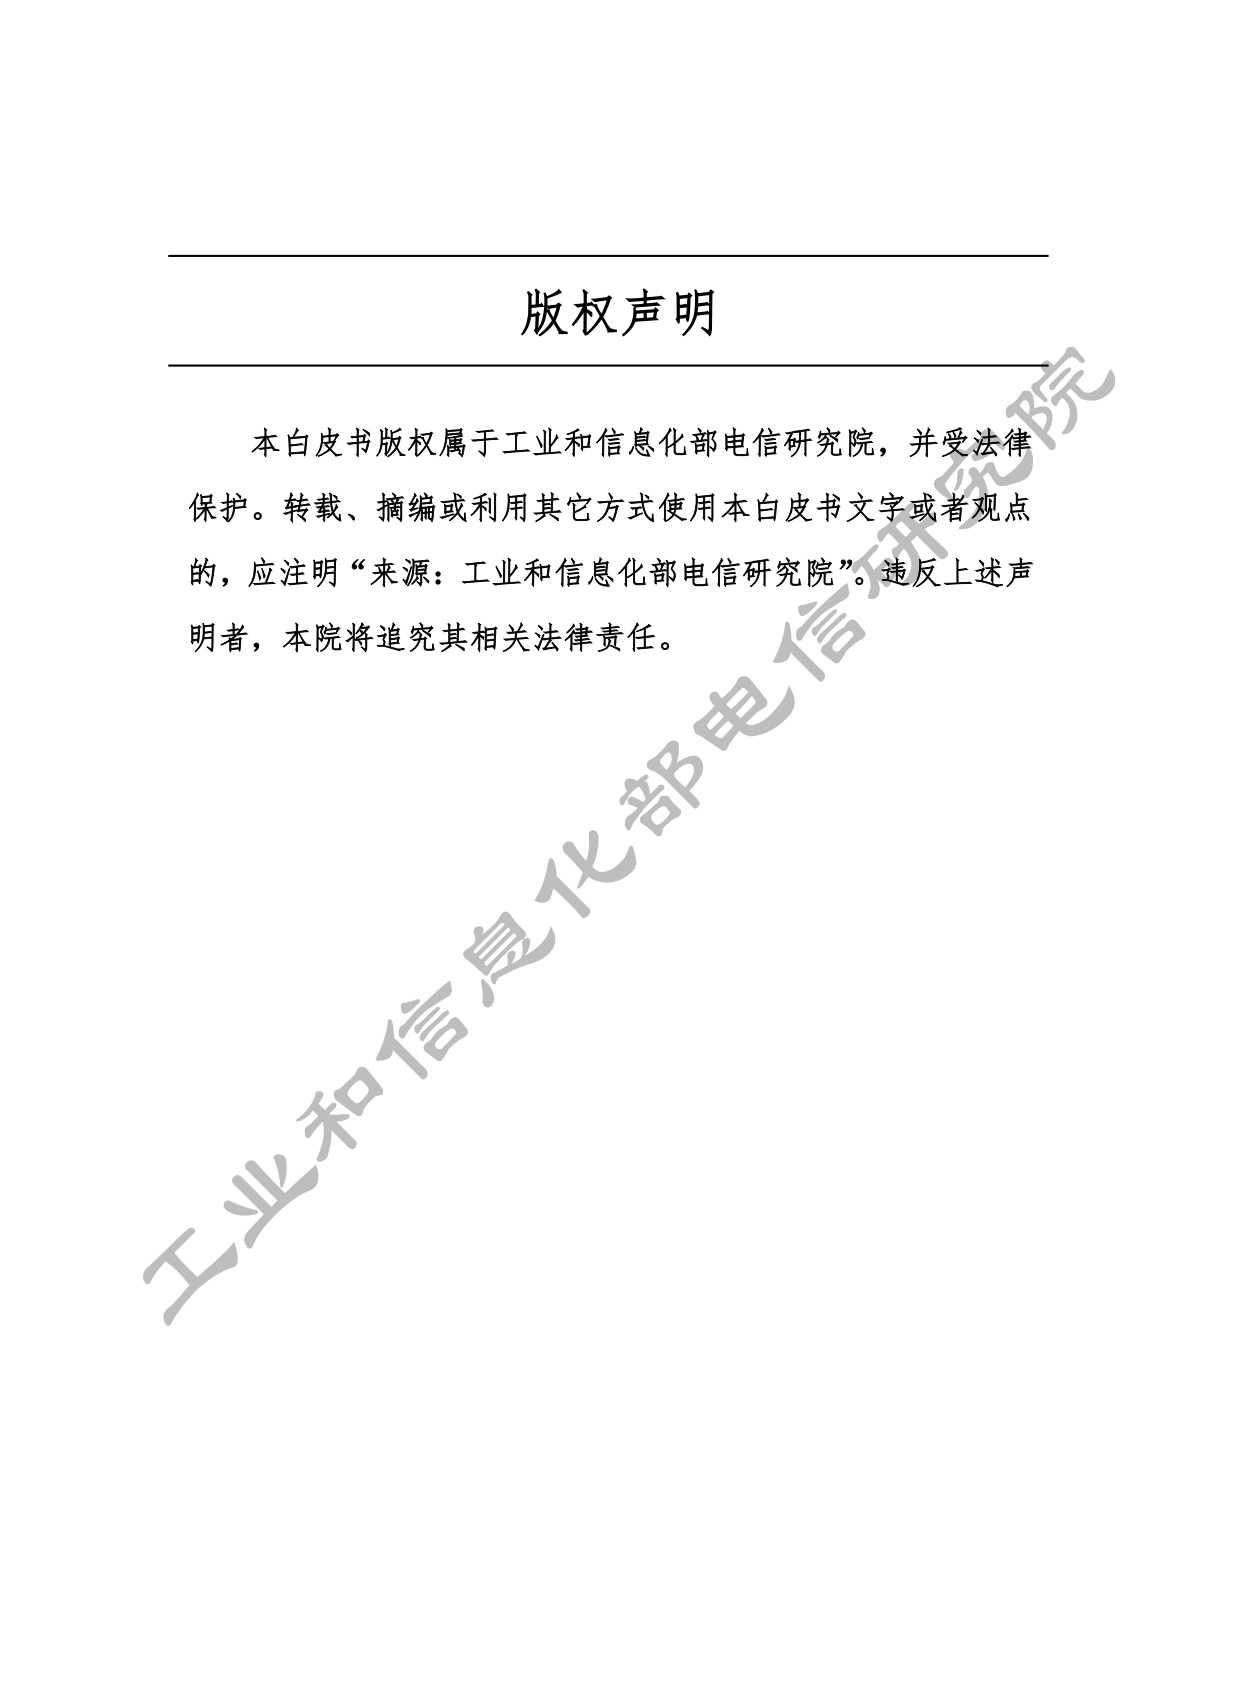 工信部:2013年中国移动互联网白皮书_002